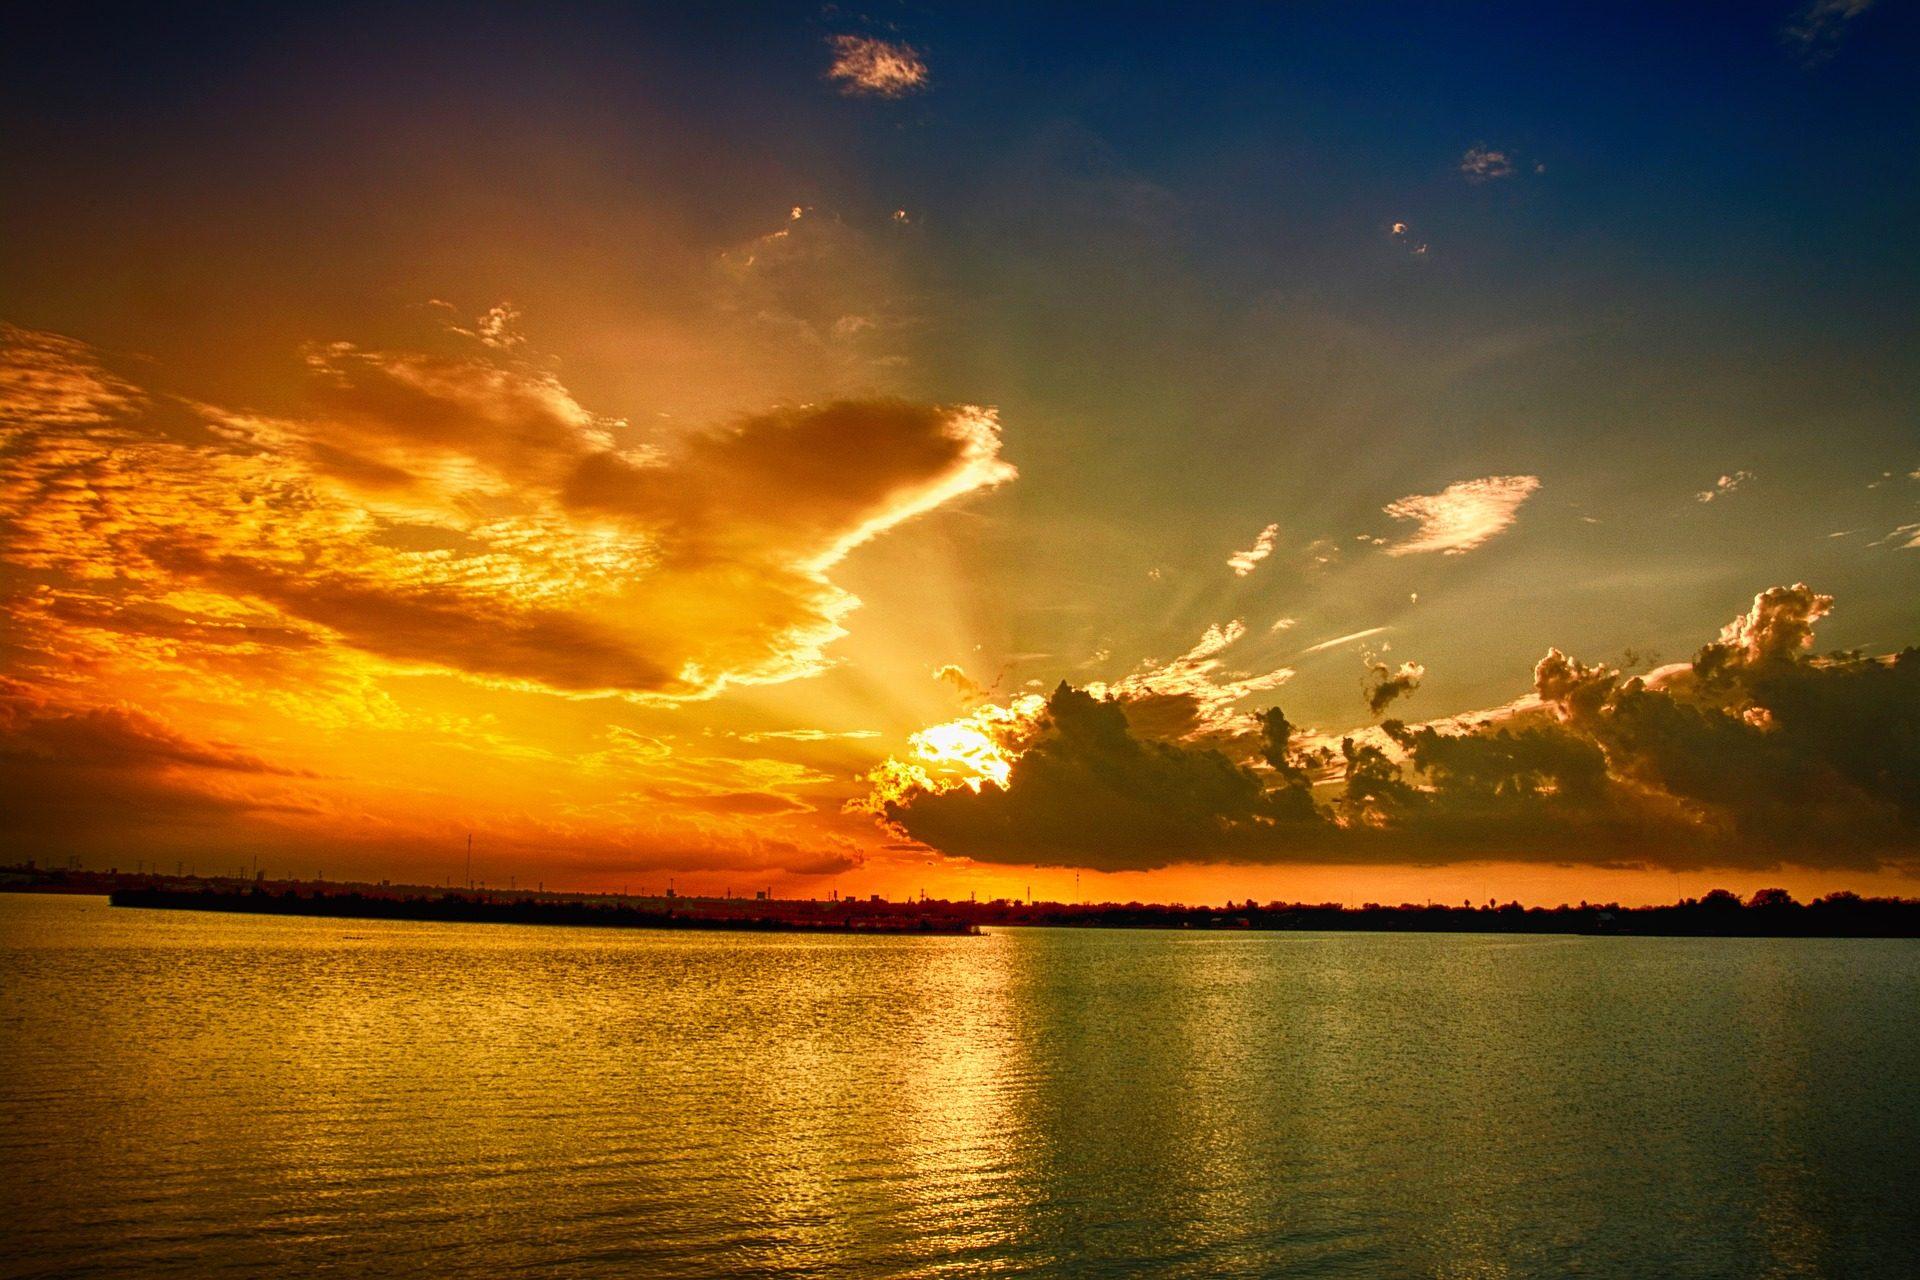 Tramonto, Mare, nuvole, raggi, Sole, rilassarsi - Sfondi HD - Professor-falken.com